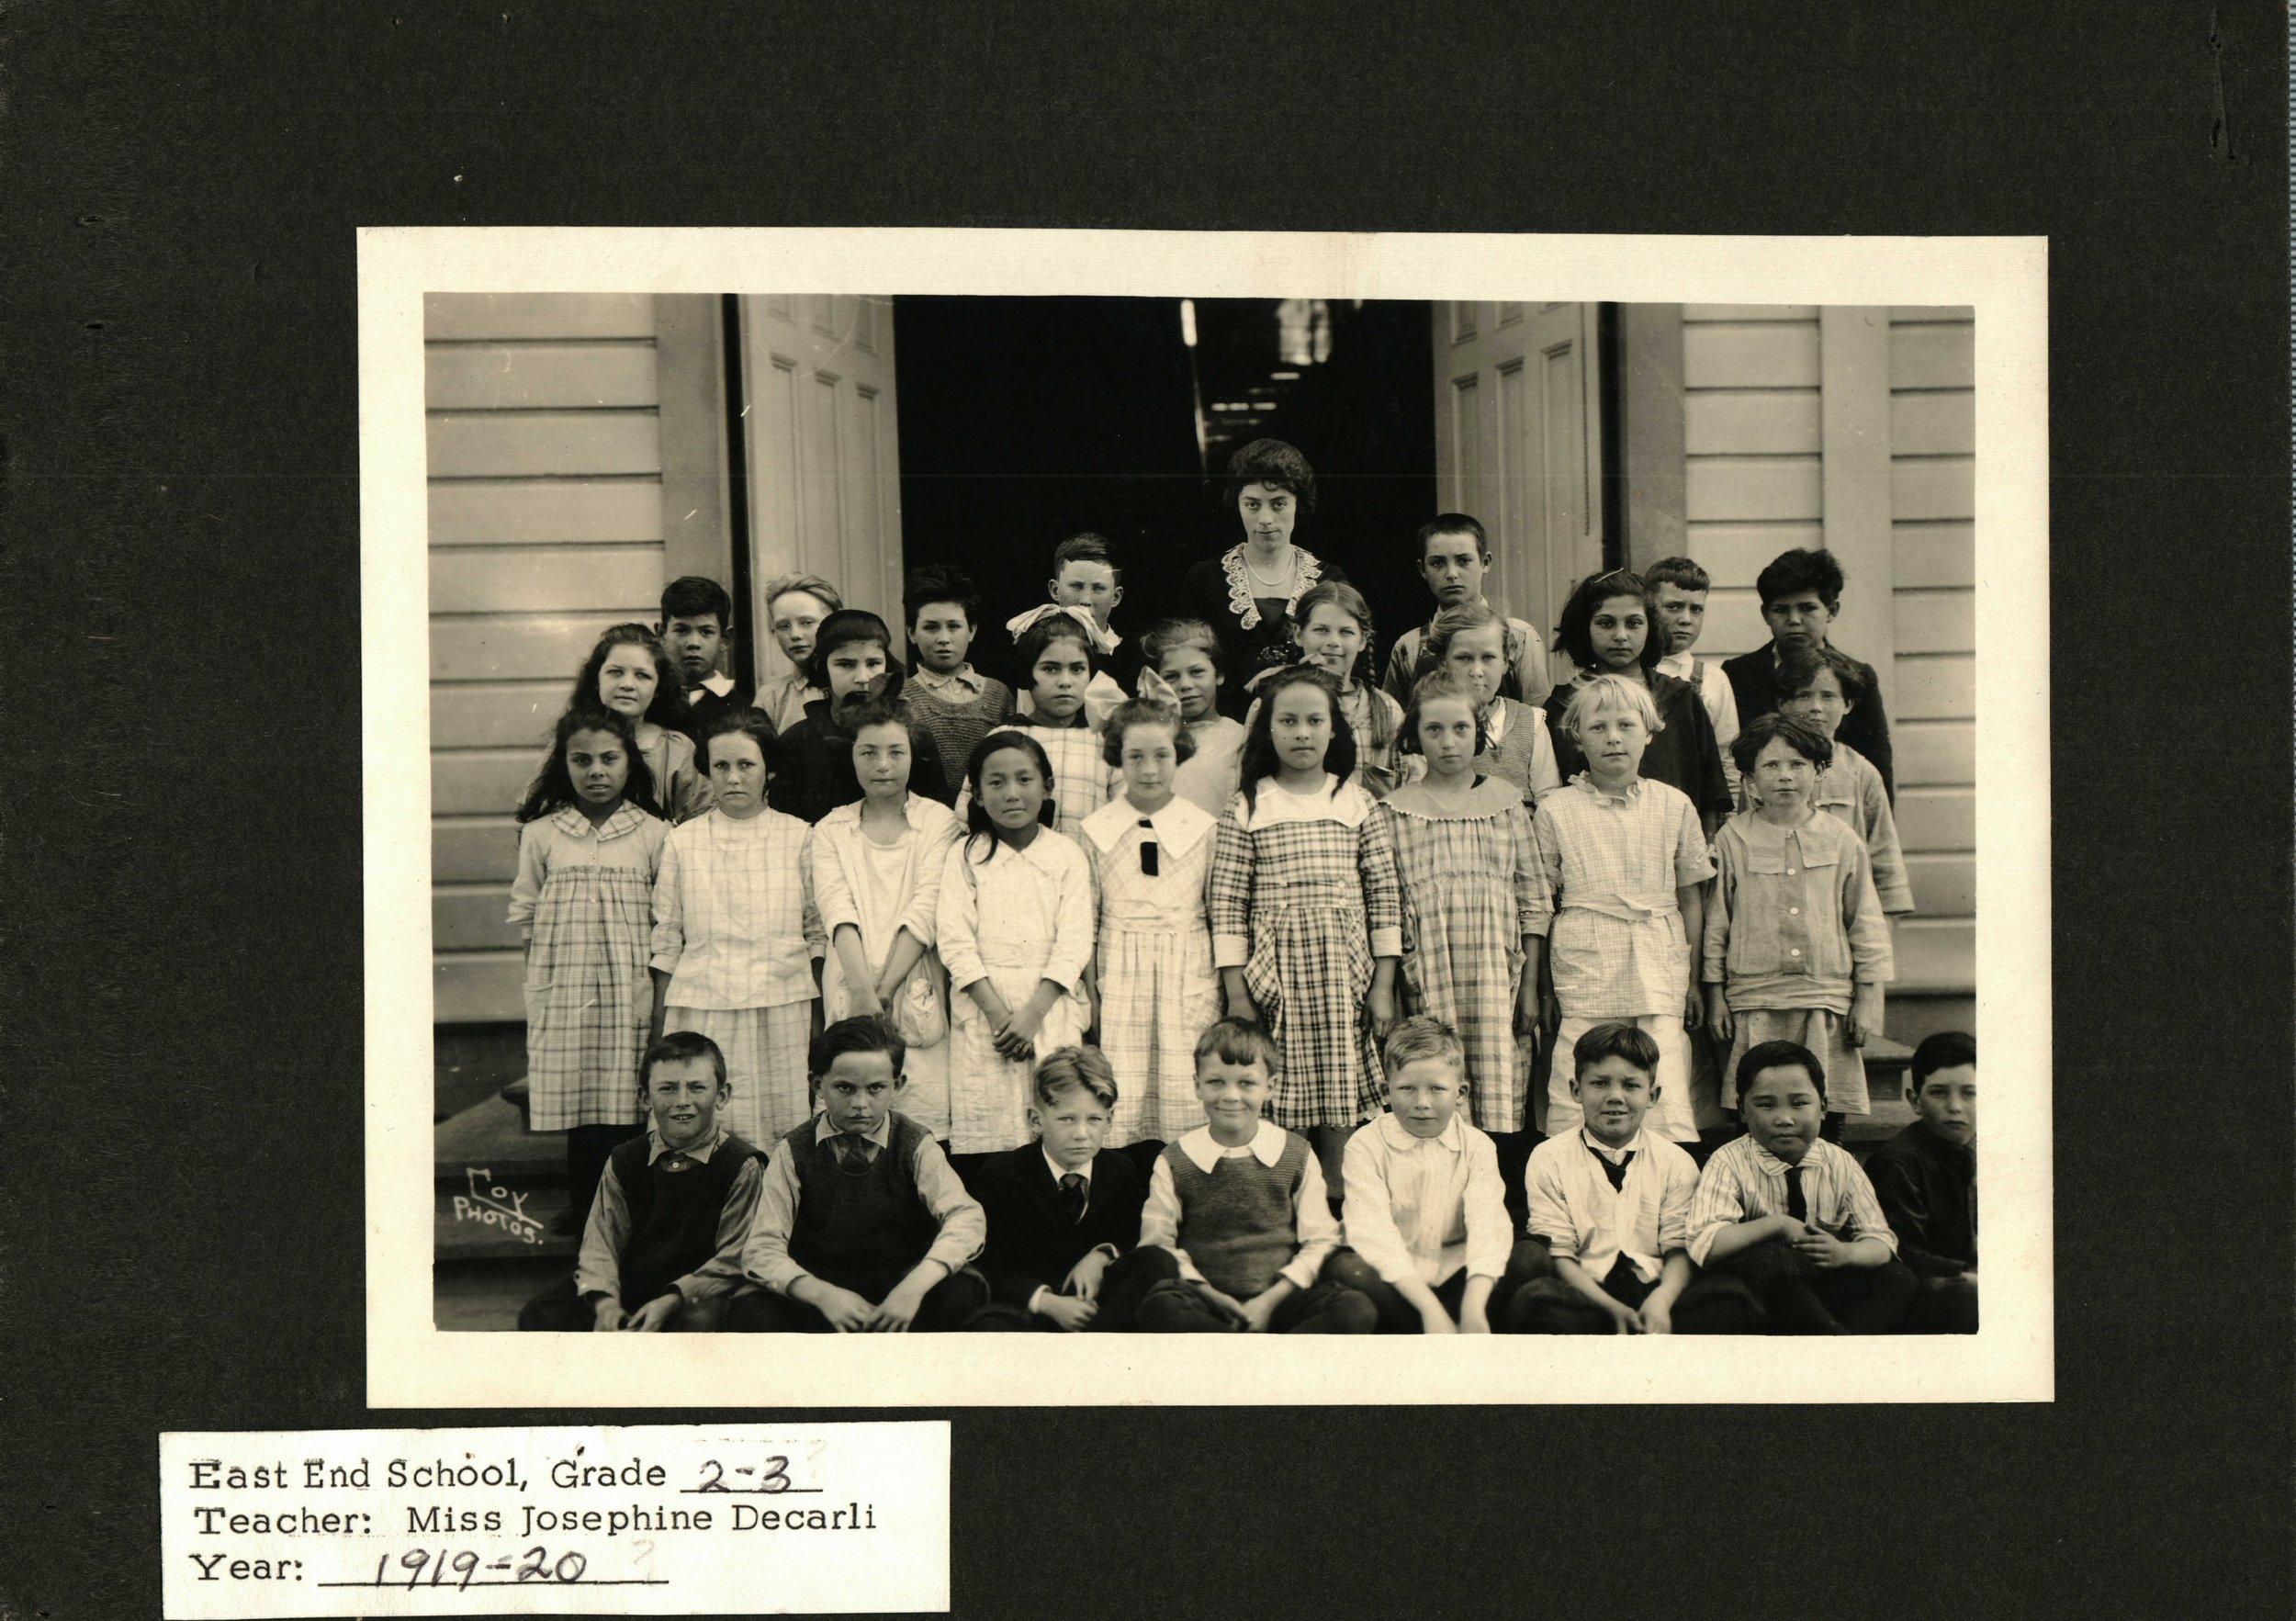 1919-East End School-2nd 3rd Graders.JPG